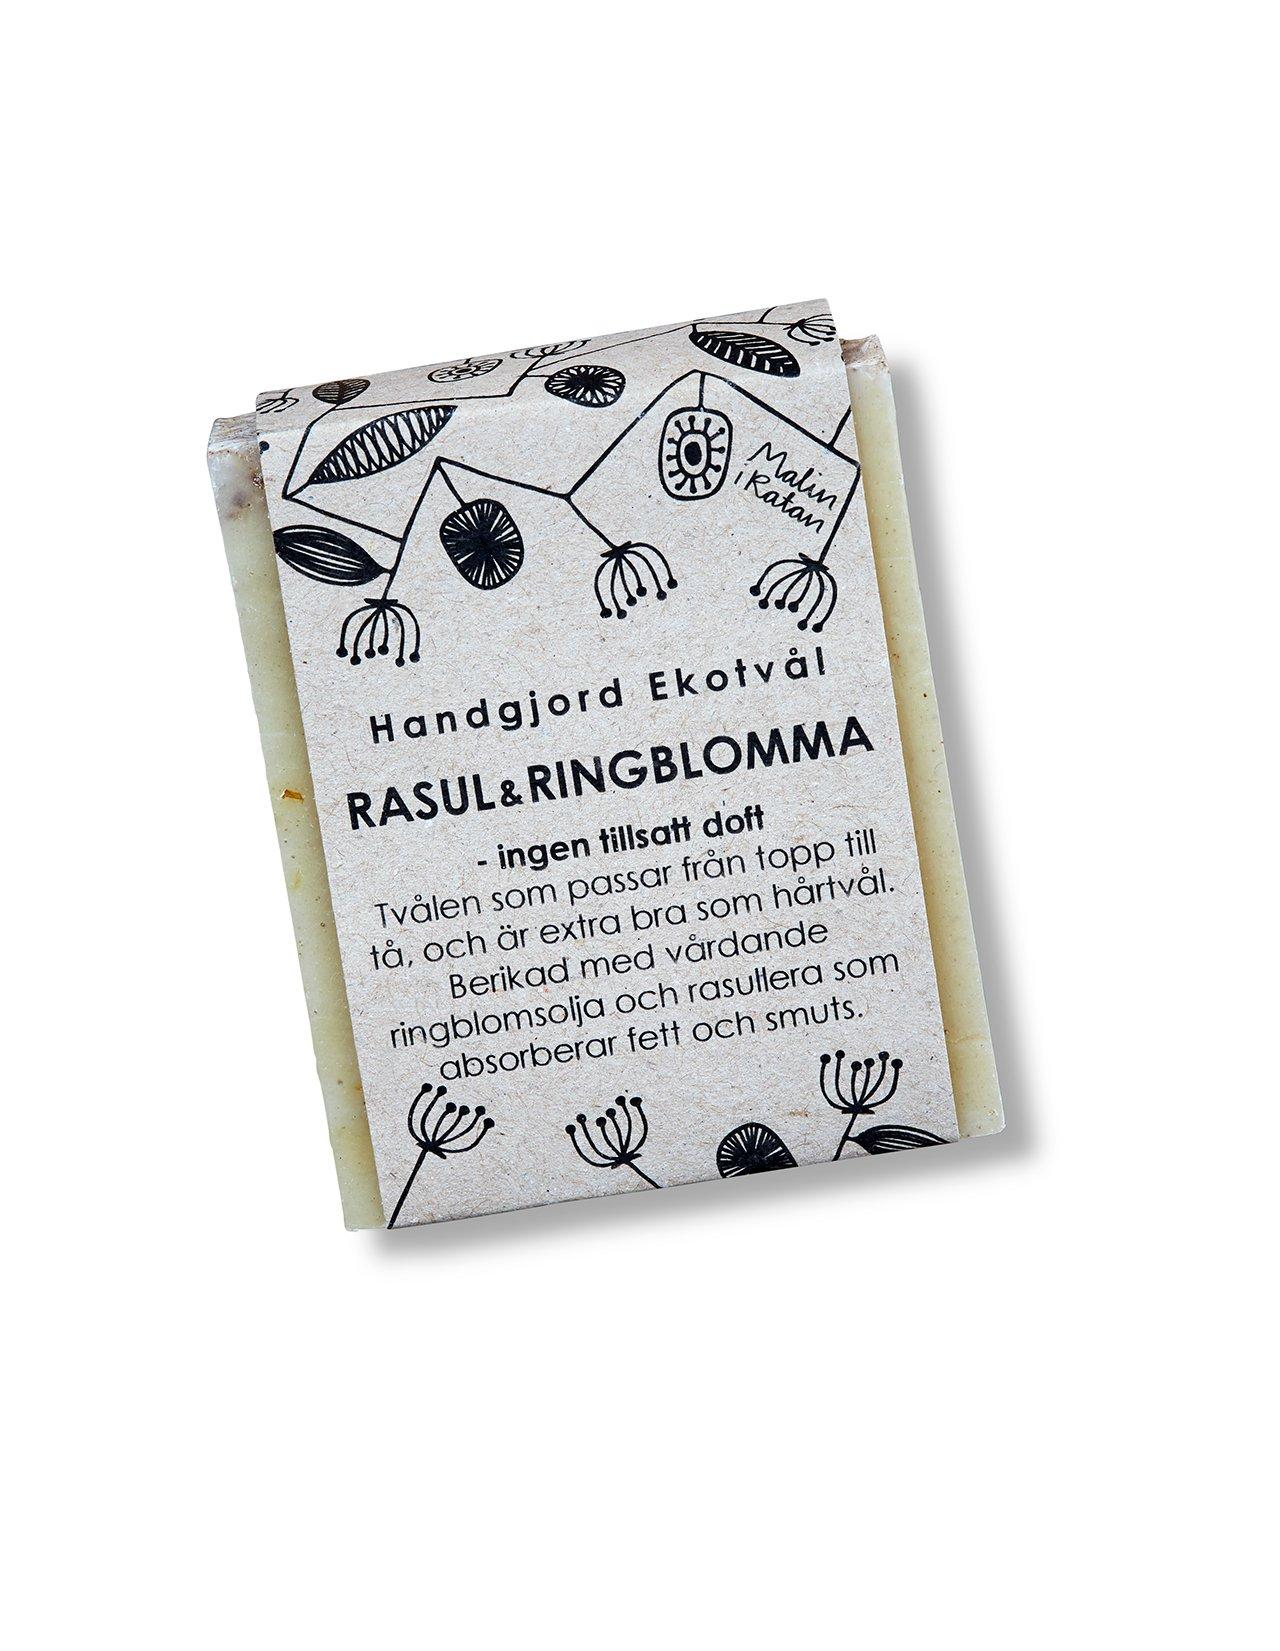 Handgjord Ekotvål Rasul & Ringblomma - ingen tillsatt doft